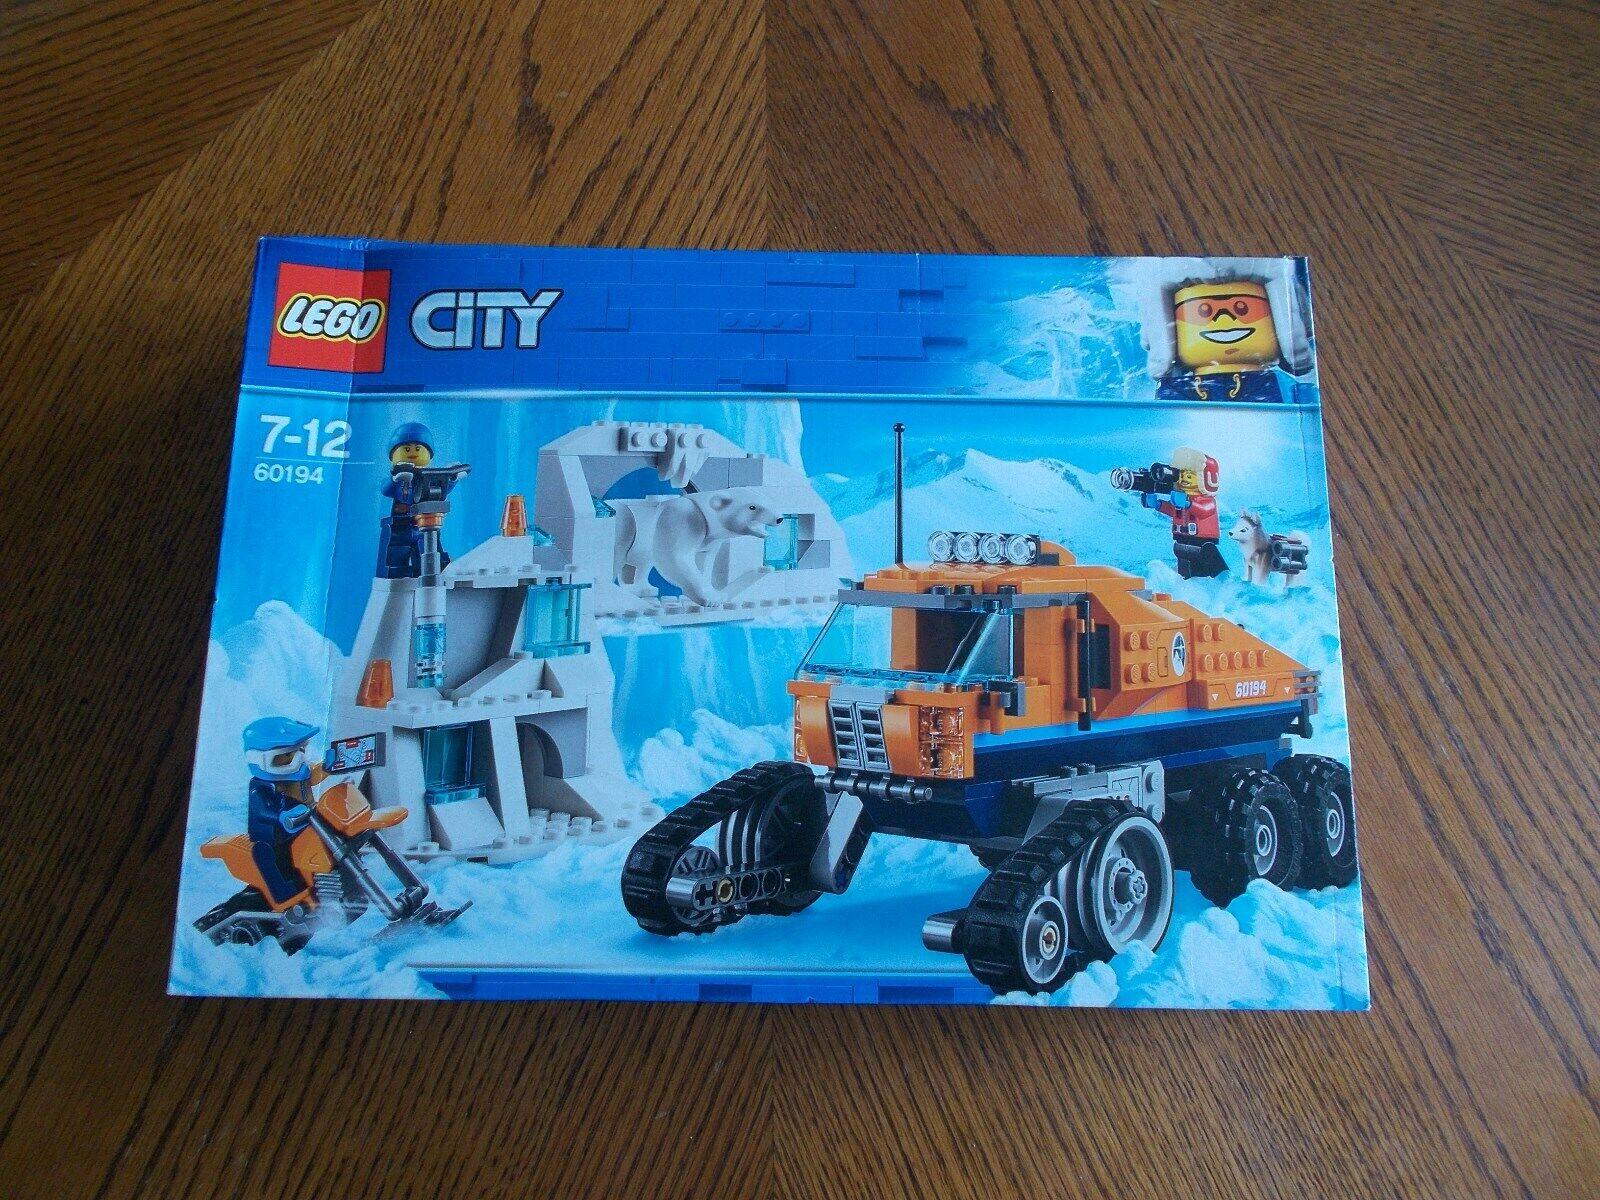 100% autentico LEGO CTY ARCTIC Scout Camion Set 60194 60194 60194 Nuovo Sigillato in Confezione  spedizione e scambi gratuiti.